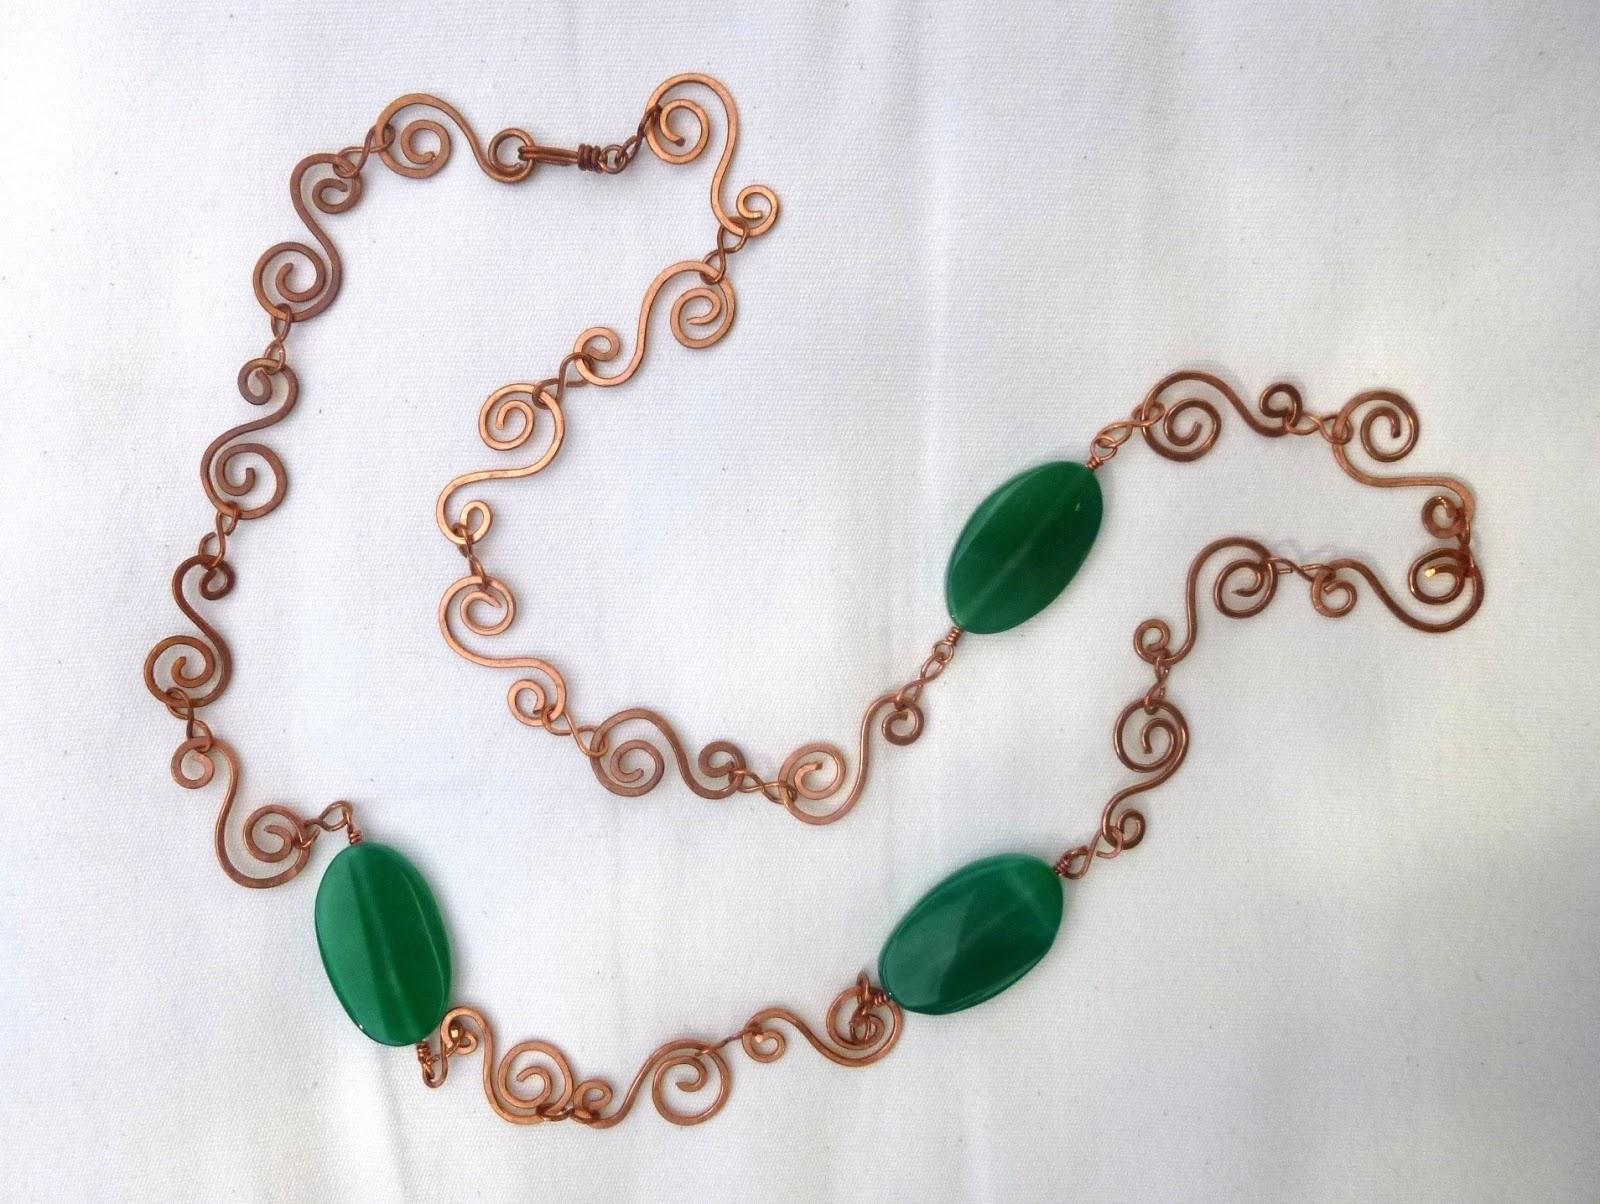 Vetrate Artistiche Belle Epoque: Collana wire con filo di rame e ...